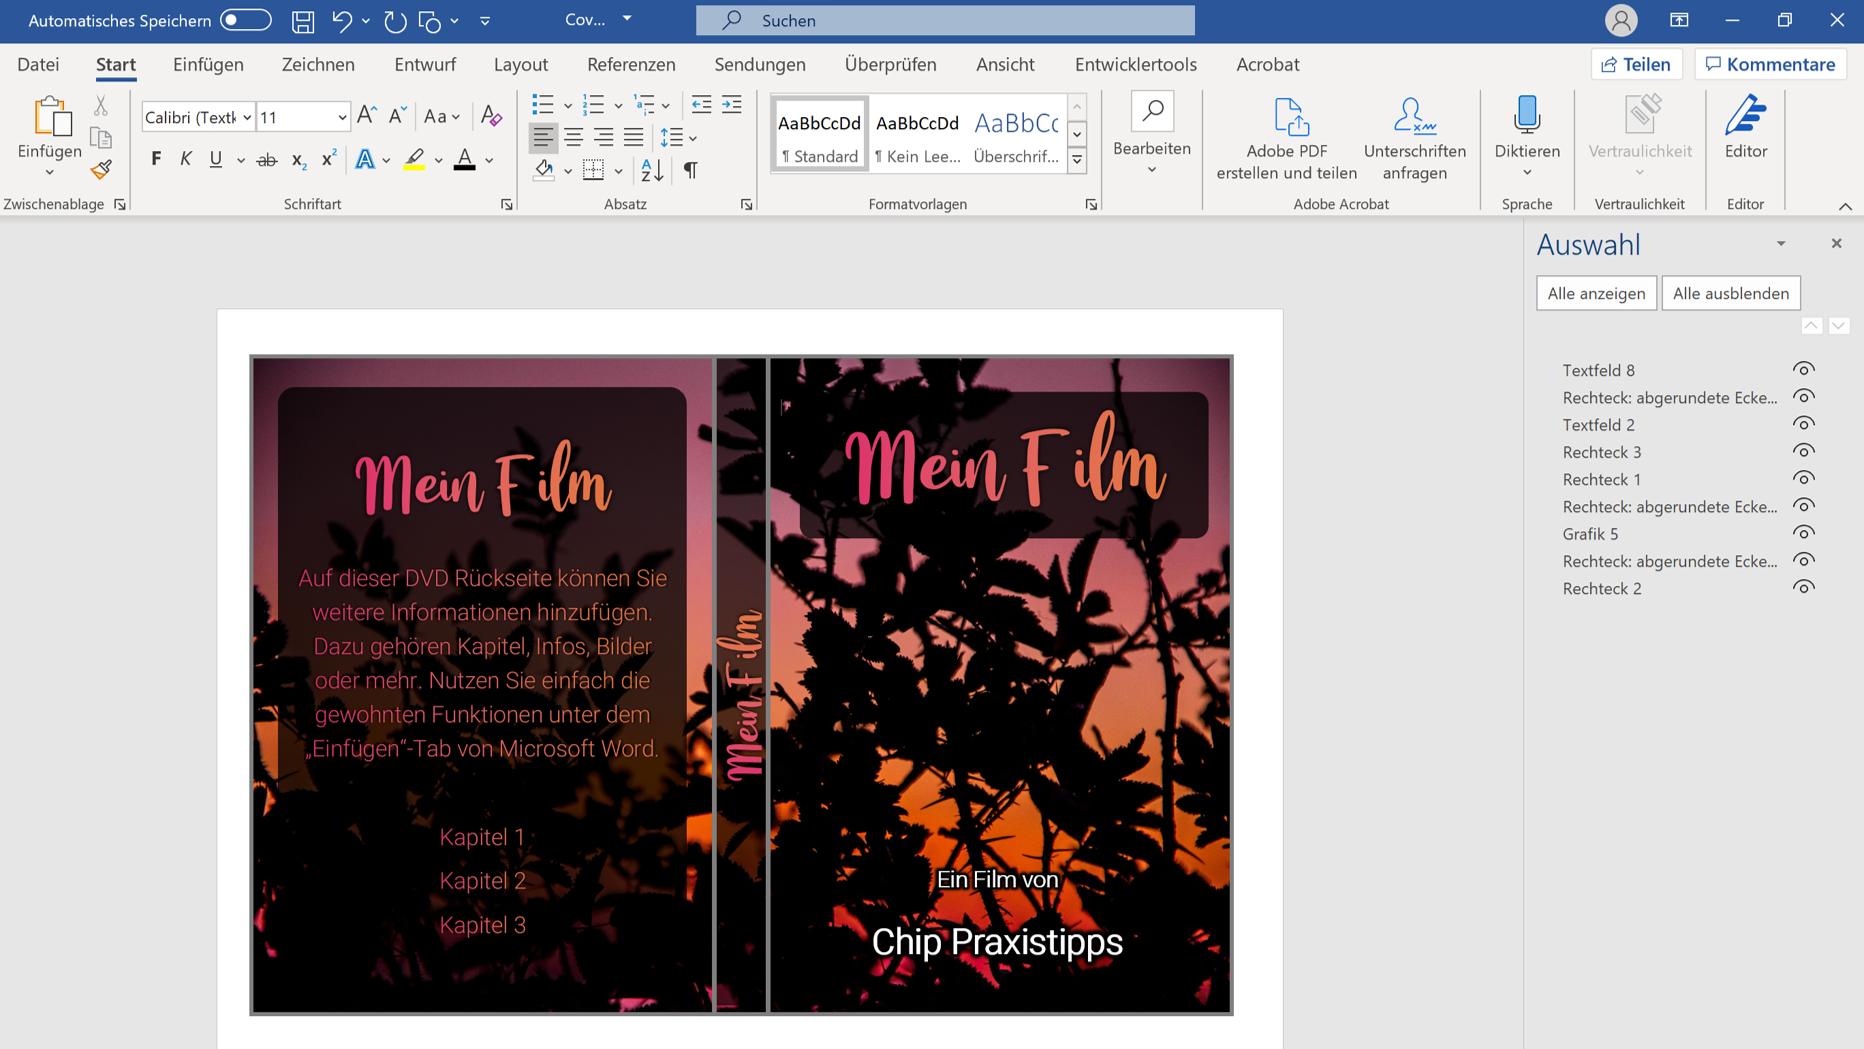 Mit Microsoft Word können Sie ein DVD-Cover erstellen.